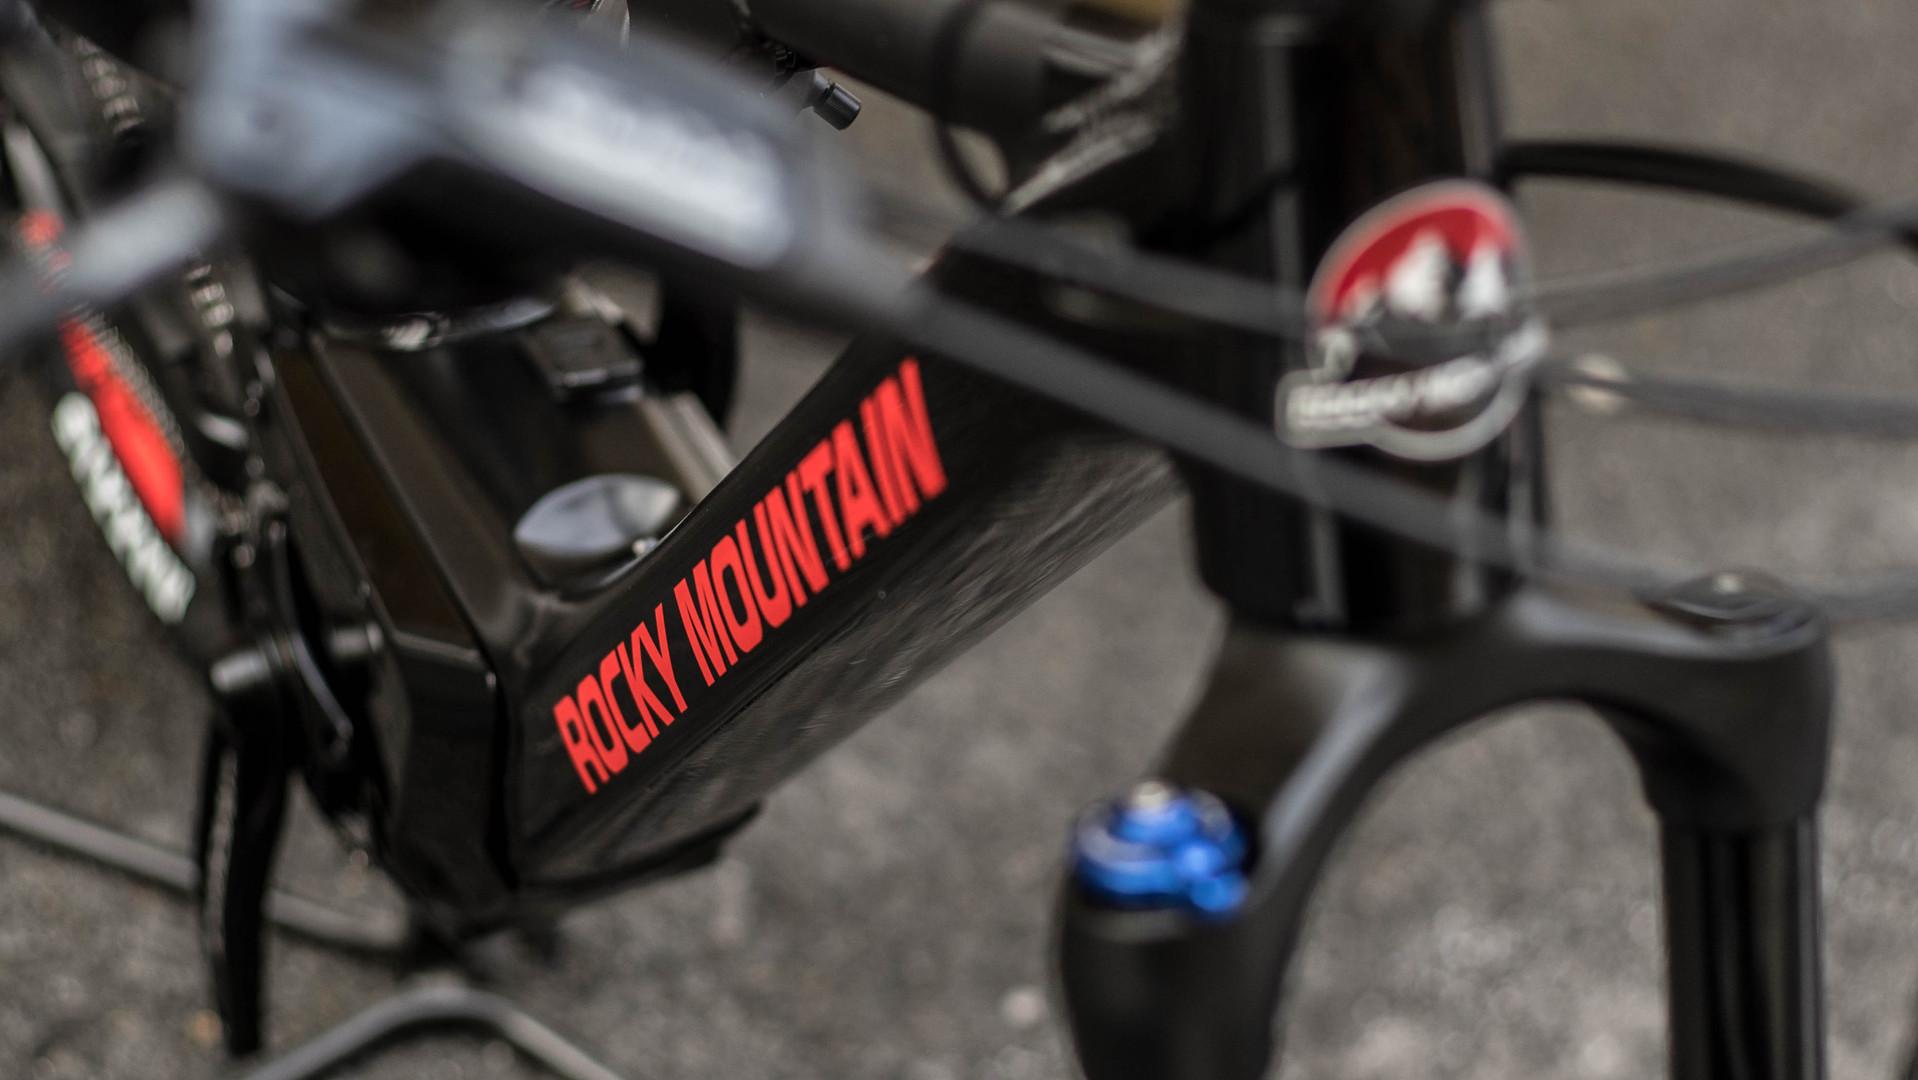 Rocky Mountain Instinct Powerplay Al 30